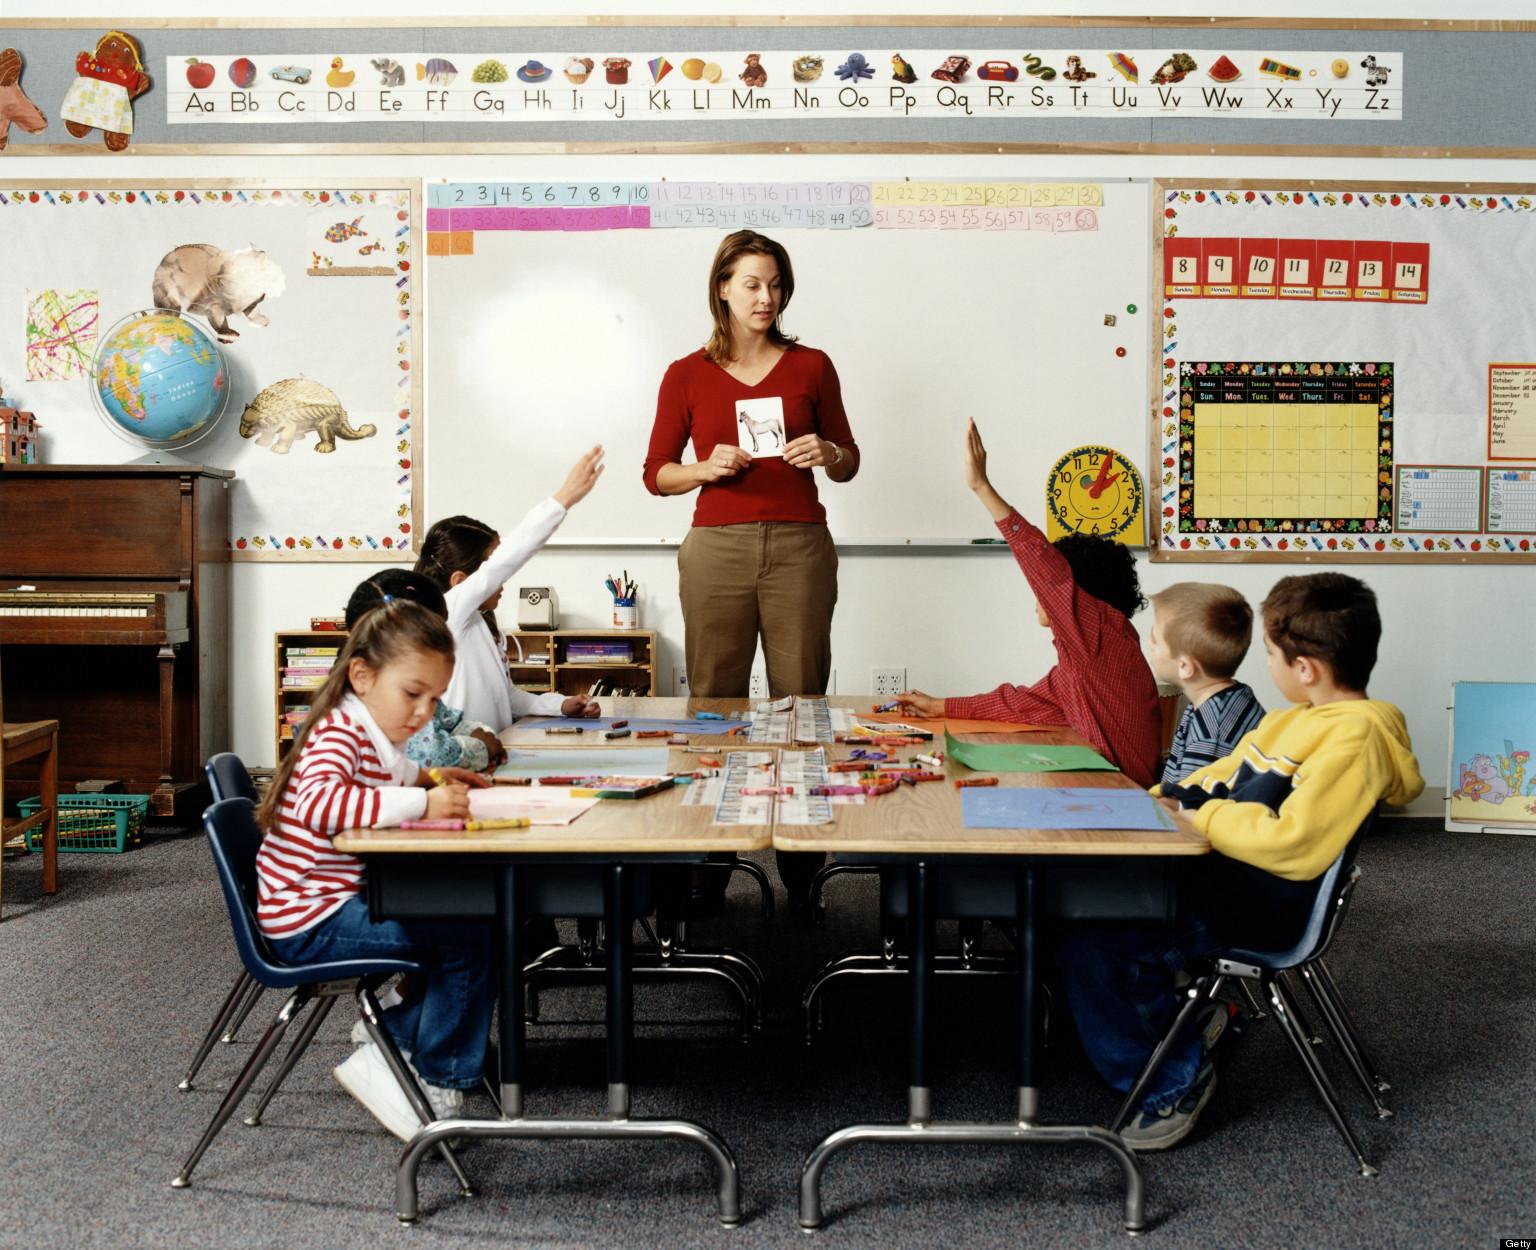 Teacher Preparation Program Rankings Make U.S. News Debut | HuffPost